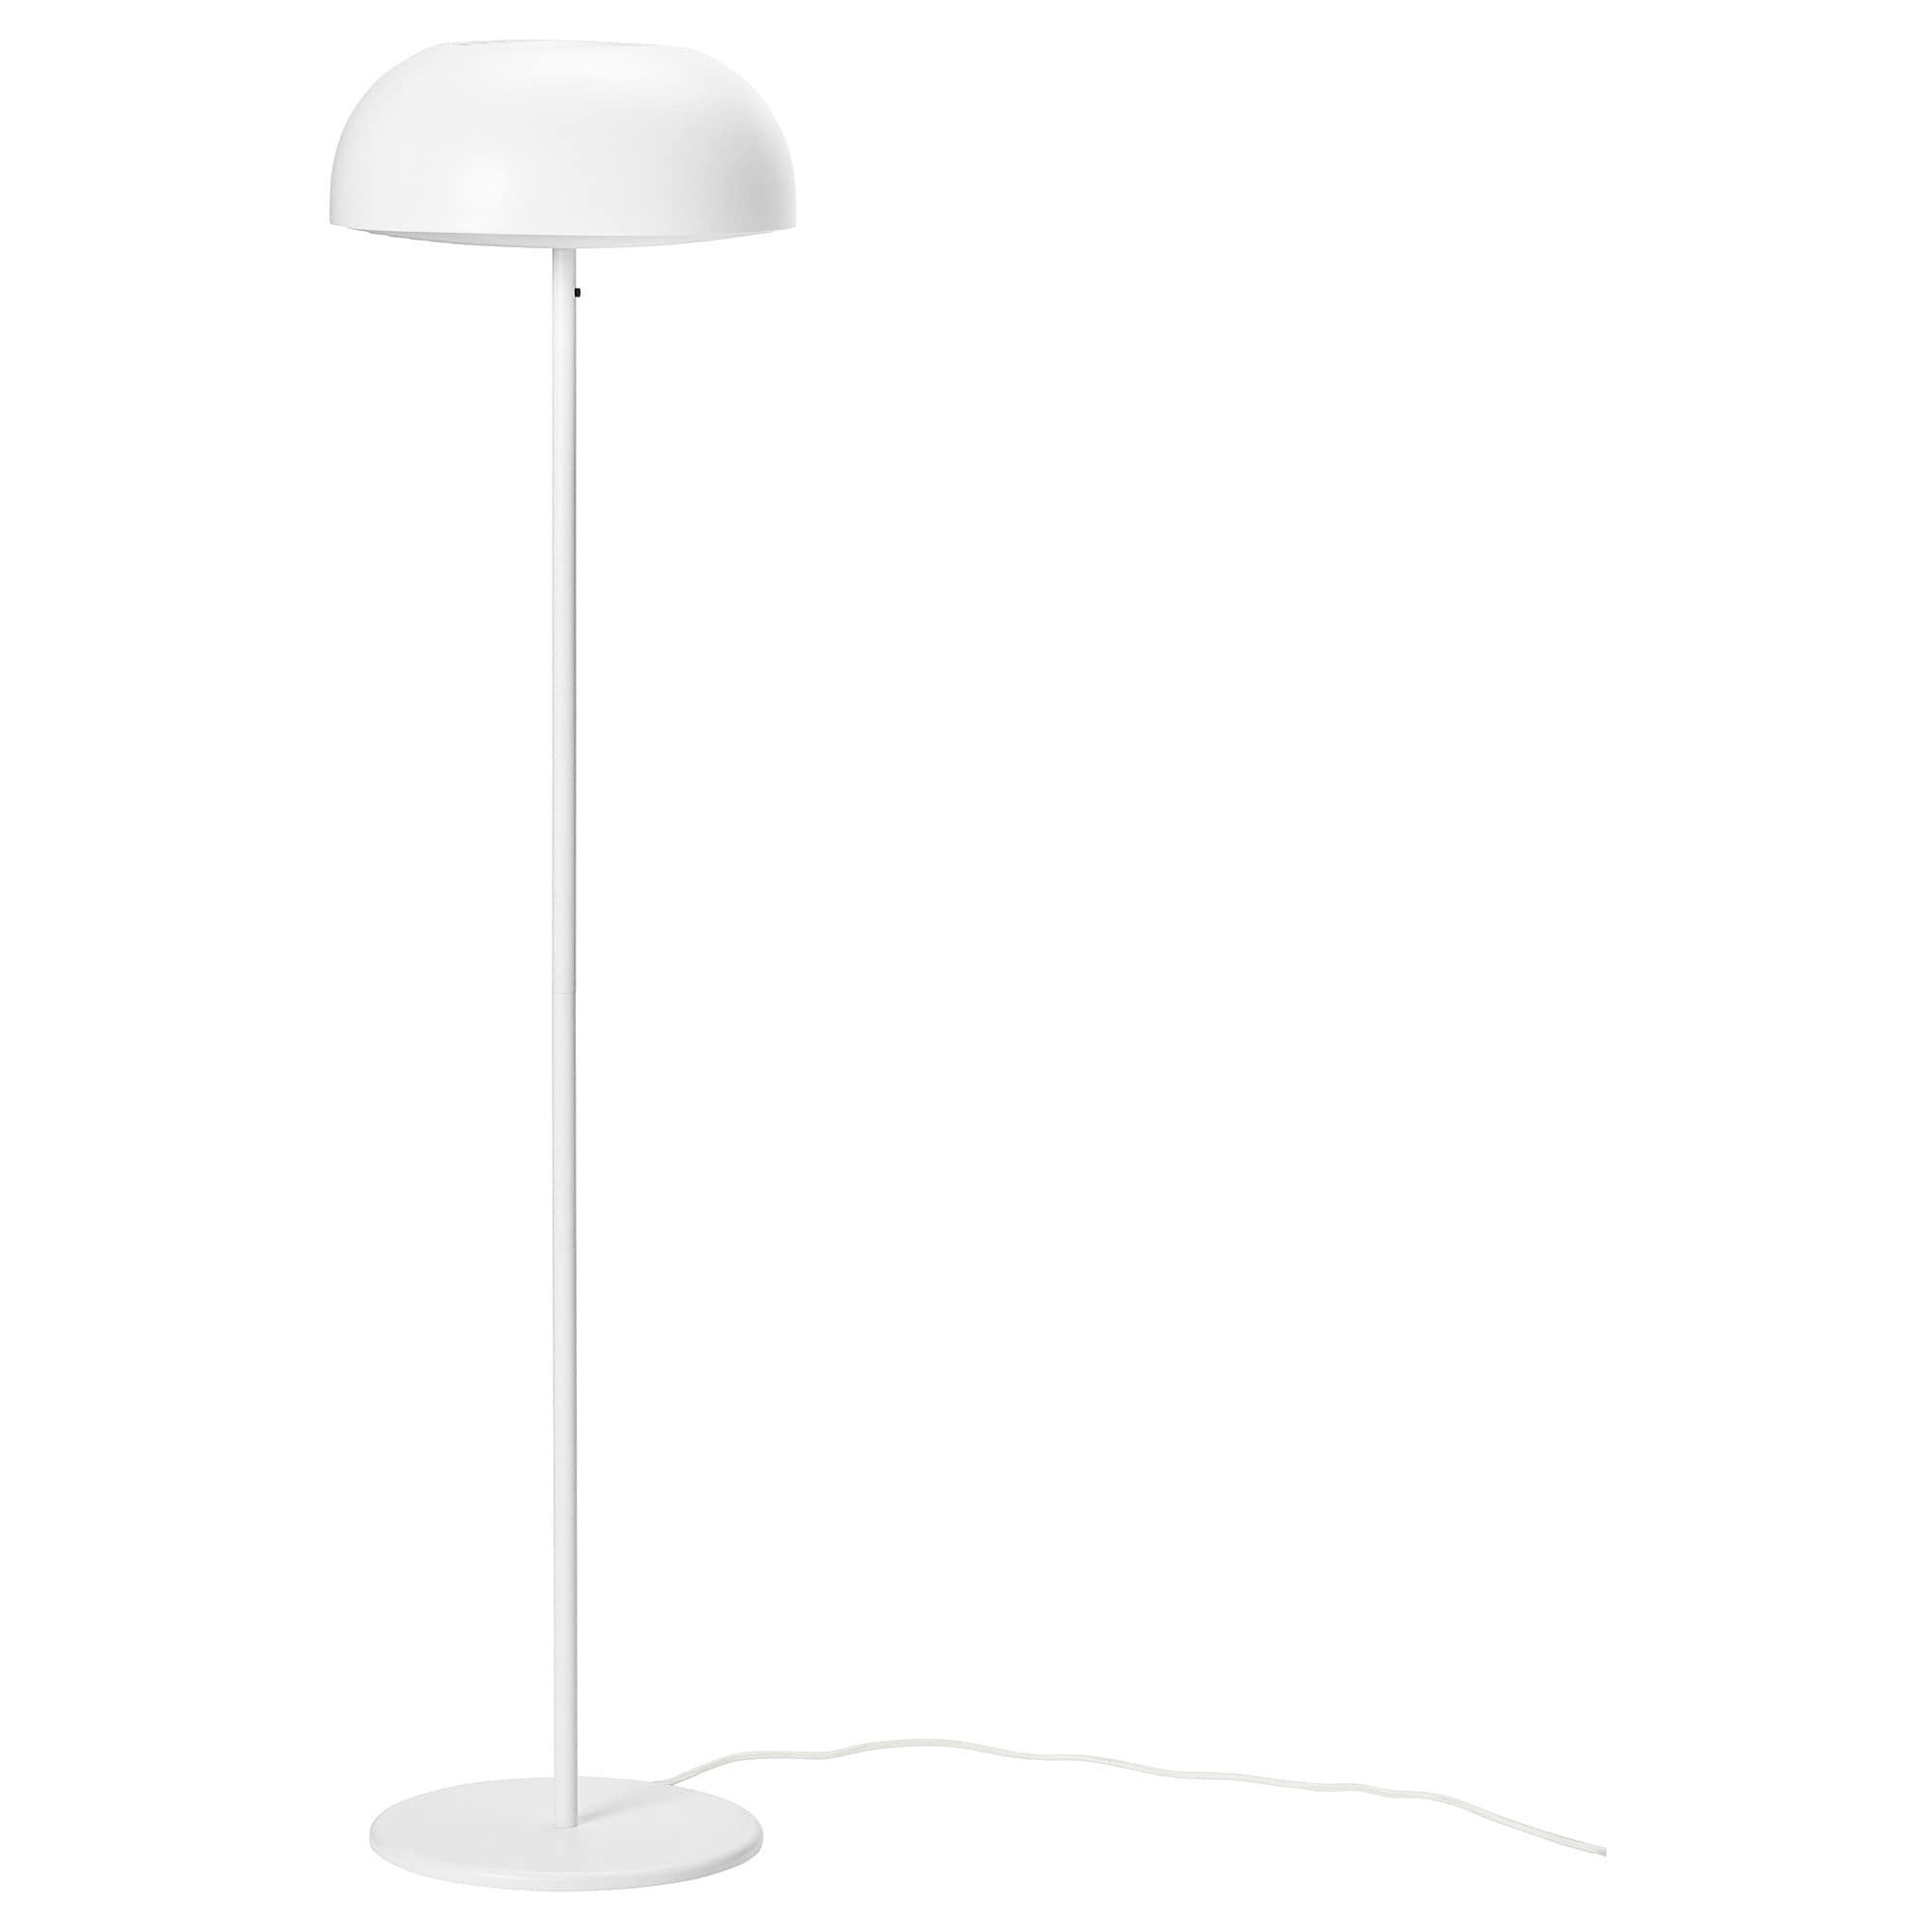 Full Size of Owietlenie Lampy Sufitowe I Yrandole Deckenlampe Schlafzimmer Wohnzimmer Küche Betten Bei Ikea Deckenlampen Modern Miniküche Kosten Bad Esstisch Kaufen Wohnzimmer Ikea Deckenlampe